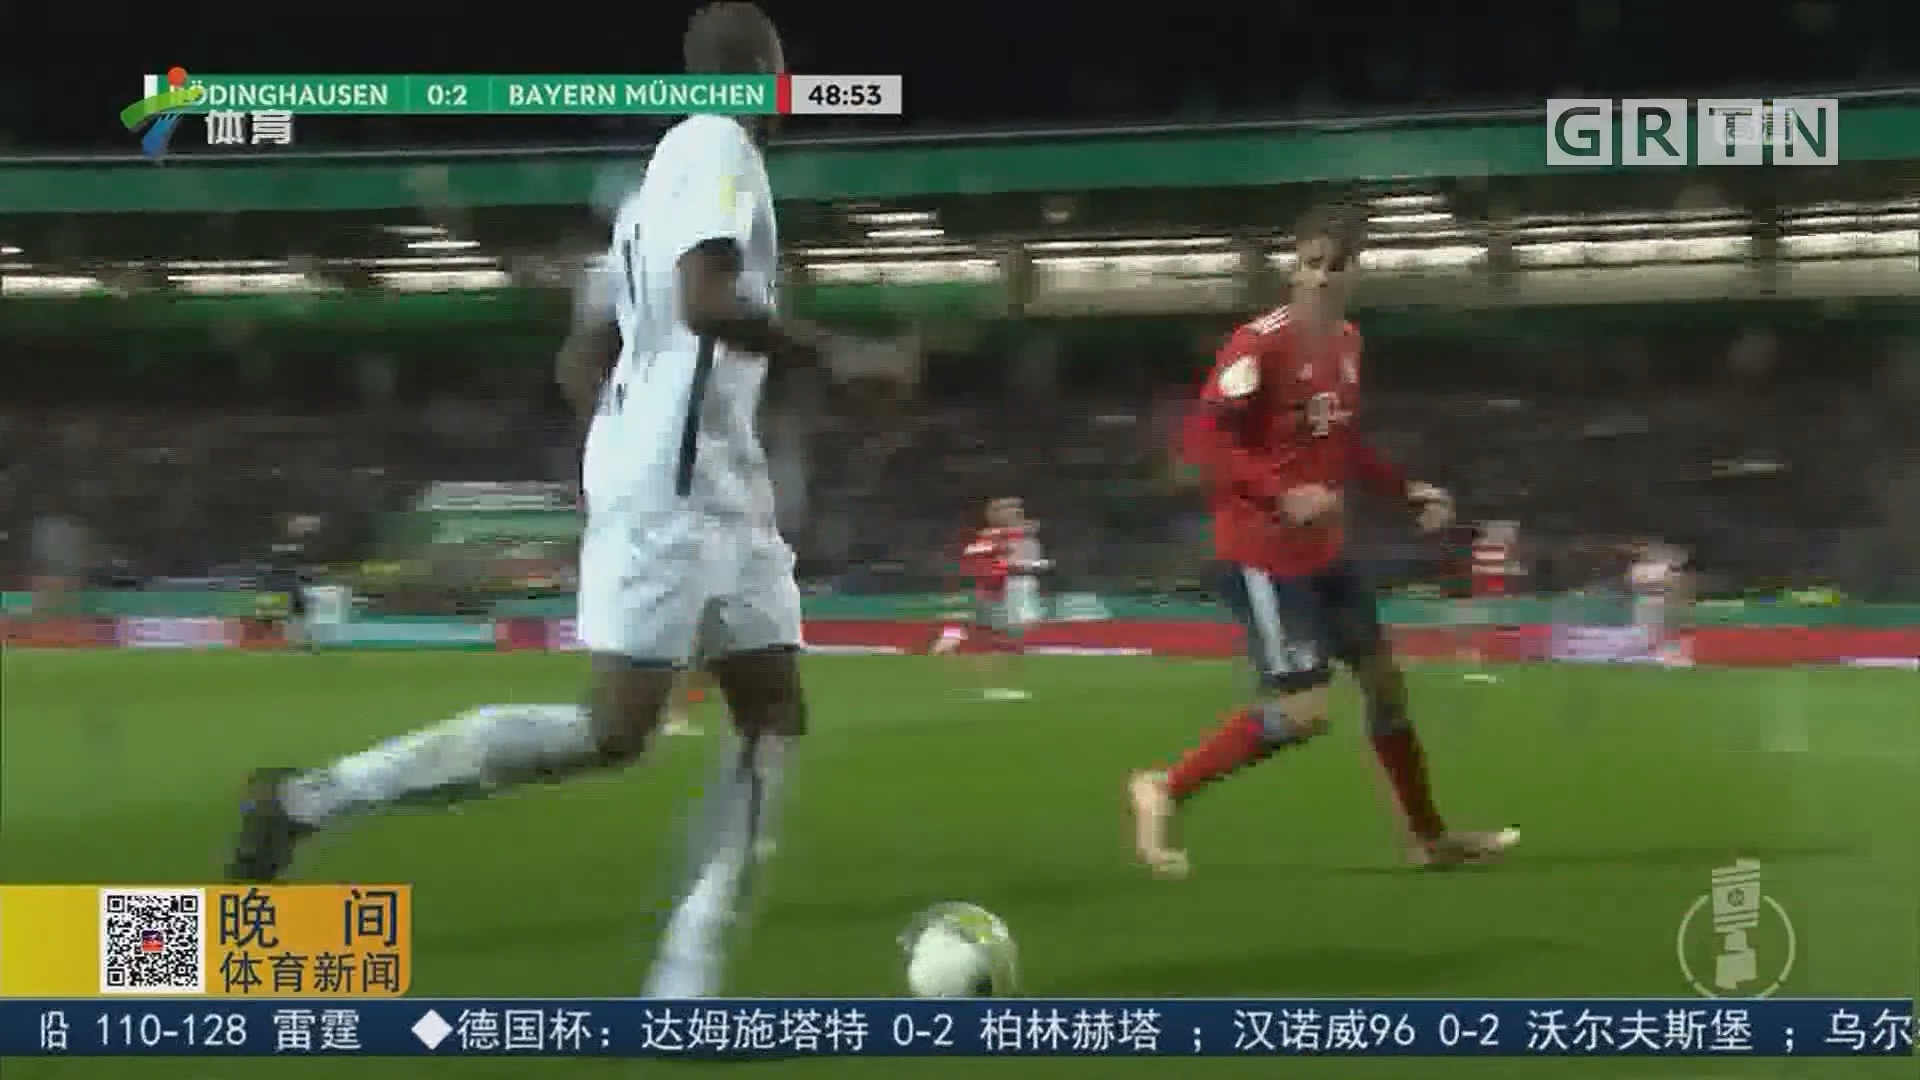 德国杯 拜仁客场力克罗丁豪森晋级